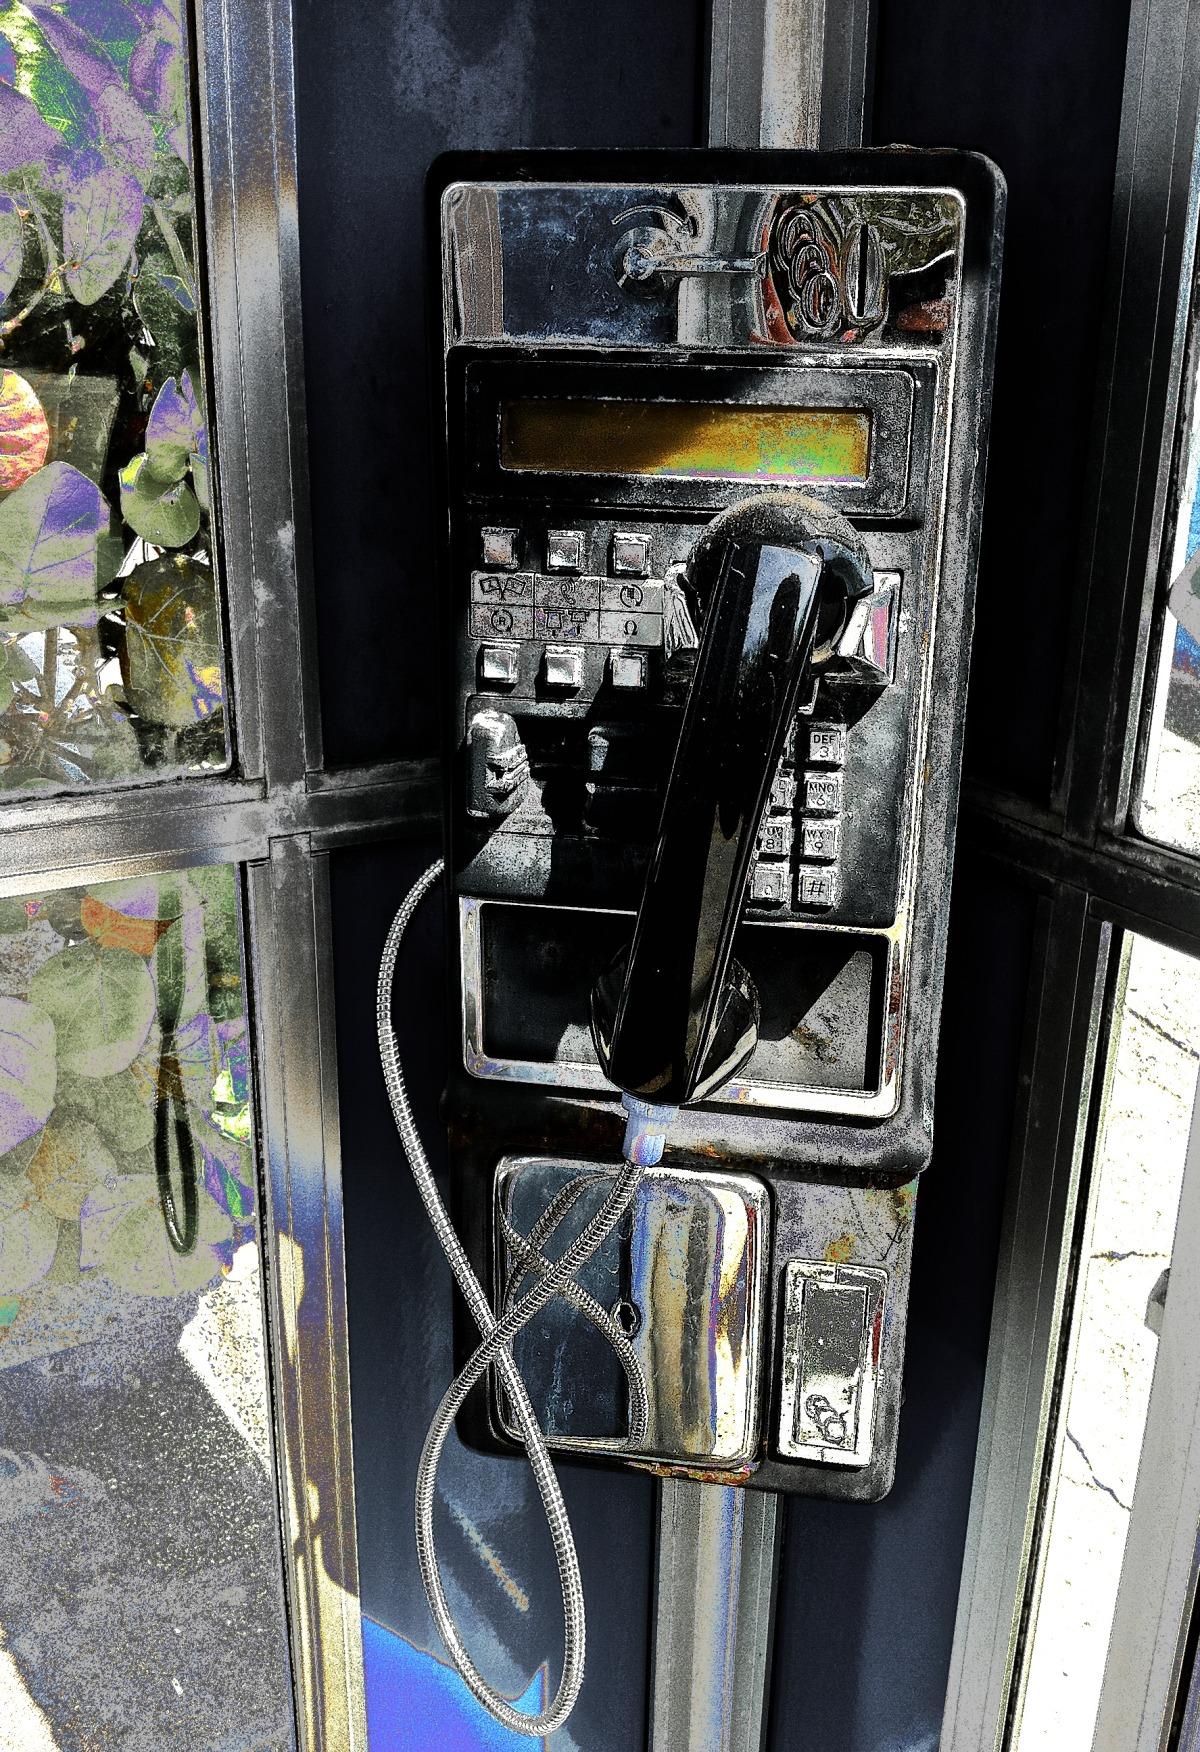 payphone export july 2012 6.jpg